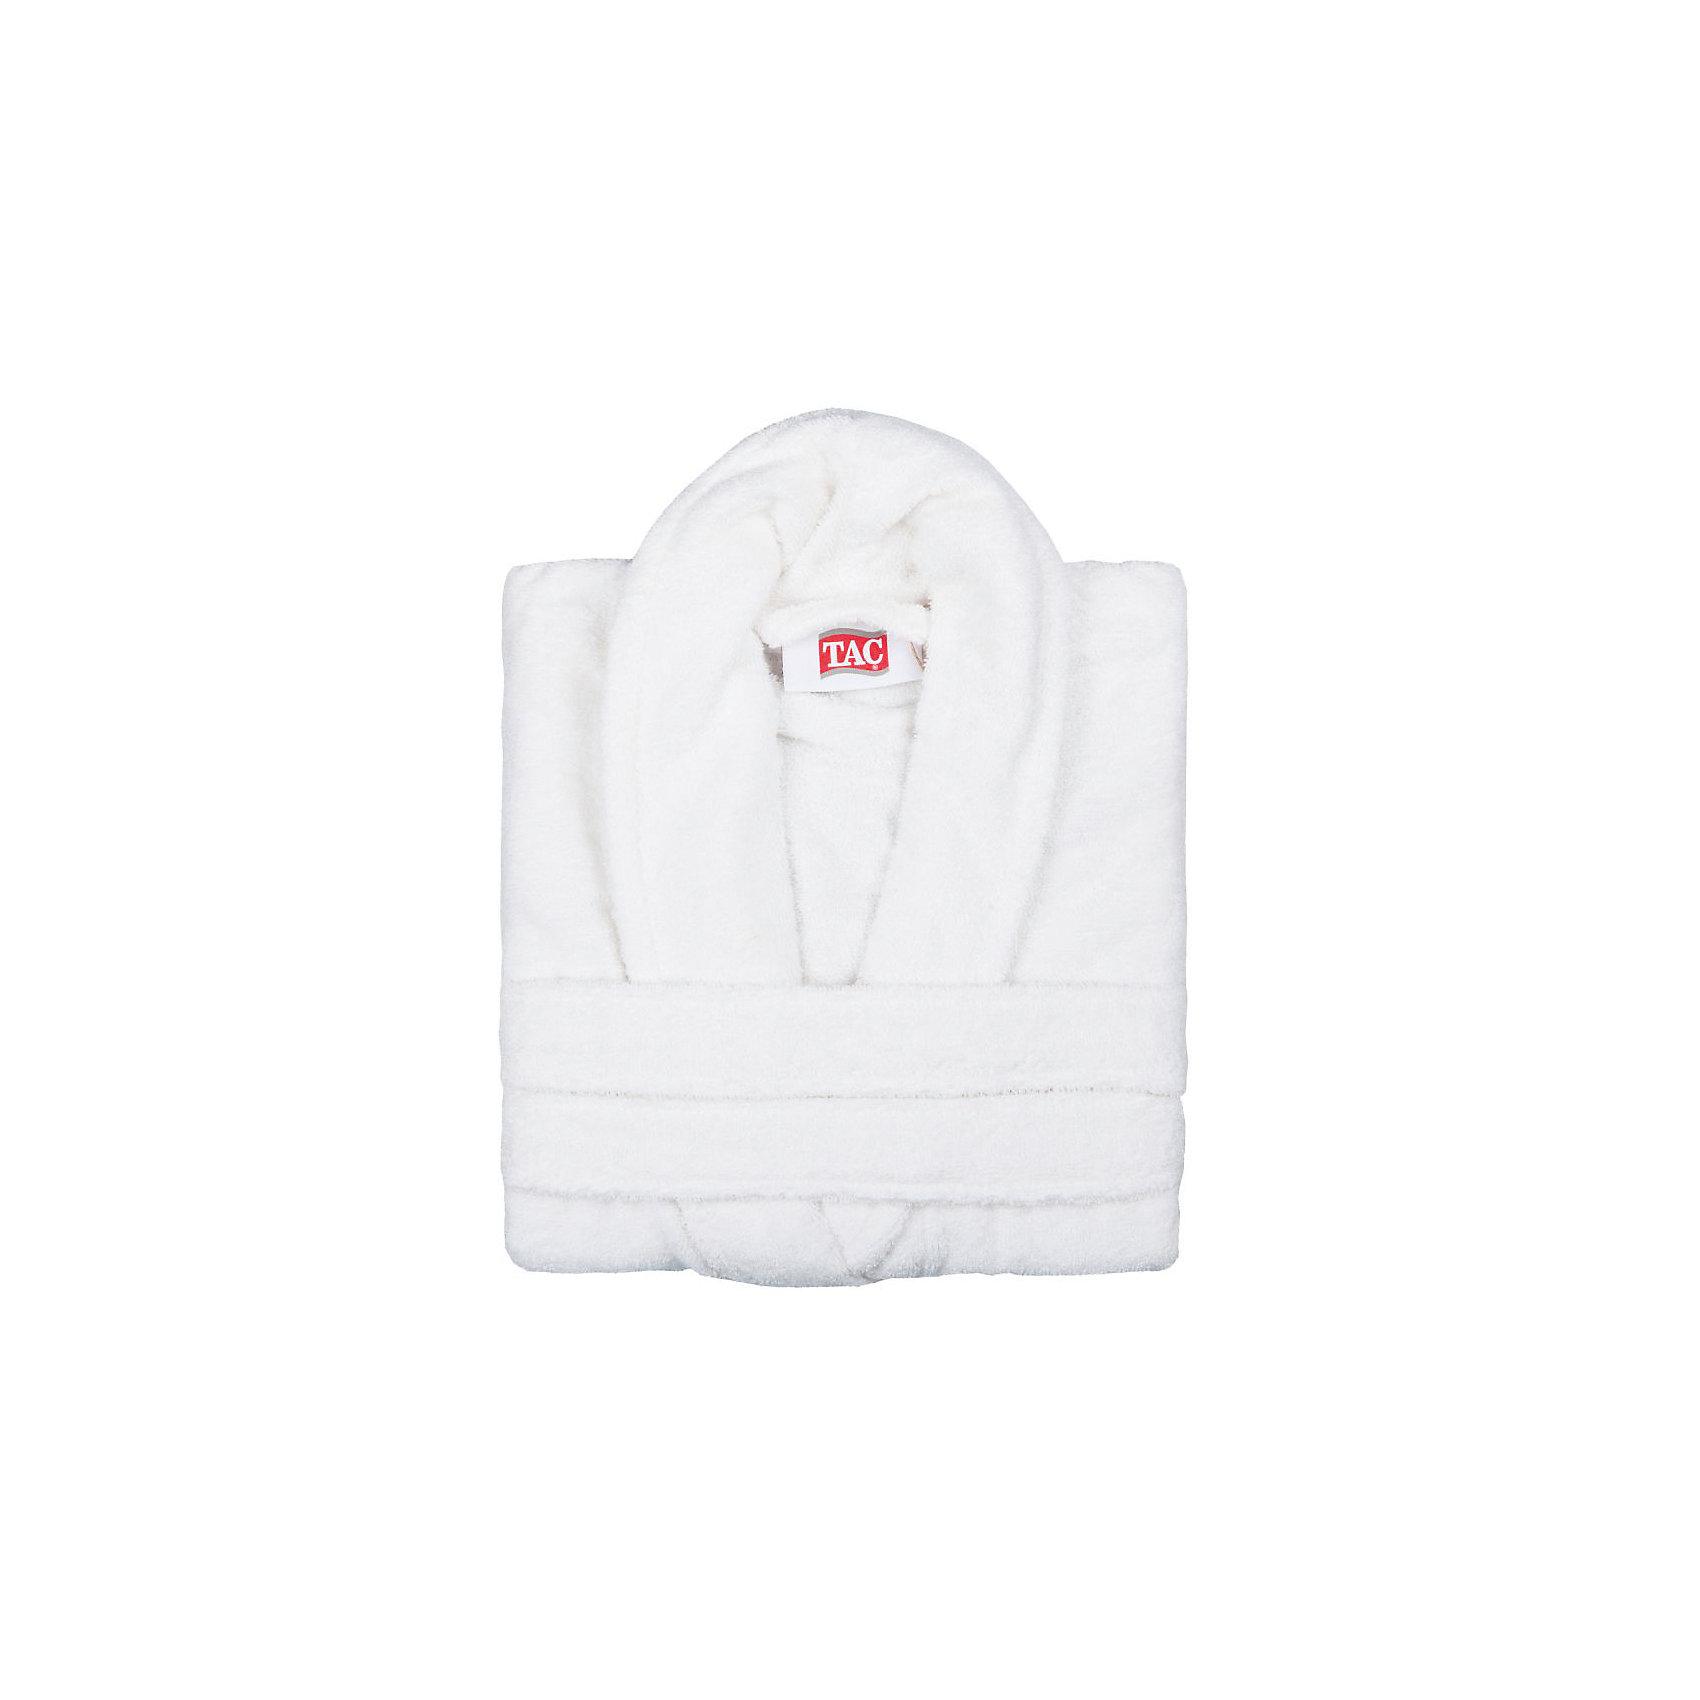 Халат махровый Maison Bambu, L/XL, TAC, кремовый (ekru)Ванная комната<br>Характеристики:<br><br>• Вид домашнего текстиля: махровый халат<br>• Размер международный/российский: L/XL (48, 50, 52)<br>• Пол: унисекс<br>• Рисунок: без рисунка<br>• Материал: хлопок, 50% хлопок; бамбук, 50%<br>• Цвет: кремовый<br>• Плотность полотна: 320 гр/м2 <br>• Силуэт: прямой<br>• Рукав: длинный<br>• Воротник: отложной<br>• Застежка: пояс<br>• Вес в упаковке: 1 кг 130 г<br>• Размеры упаковки (Д*Ш*В): 40*10*32 см<br>• Особенности ухода: машинная стирка <br><br>Халат махровый Maison Bambu, L/XL, TAC, кремовый (ekru) от наиболее популярного бренда на отечественном рынке среди производителей комплектов постельного белья и текстильных принадлежностей, выпуском которого занимается производственная компания, являющаяся частью мирового холдинга Zorlu Holding Textiles Group. Халат выполнен из сочетания натурального хлопка и бамбукового волокна, что обеспечивает гипоаллергенность, высокую износоустойчивость, повышенные гигкоскопические и антибактериальные свойства изделия. Благодаря высокой степени плотности махры, халат отлично впитывает влагу, но при этом остается мягким. <br><br>Ворс окрашен стойкими нетоксичными красителями, который не оставляет запаха и обеспечивает ровный окрас. Изделие сохраняет свой цвет и форму даже при частых стирках. Халат прямого кроя с длинными рукавами и отложным воротником идеально подходит для посещения бани или сауны, а в прохладные вечера обеспечит комфорт и уют своему владельцу. Выполнен в кремовом цвете без рисунка.<br><br>Халат махровый Maison Bambu, L/XL, TAC, кремовый (ekru) можно купить в нашем интернет-магазине.<br><br>Ширина мм: 290<br>Глубина мм: 90<br>Высота мм: 400<br>Вес г: 1400<br>Возраст от месяцев: 216<br>Возраст до месяцев: 1188<br>Пол: Унисекс<br>Возраст: Детский<br>SKU: 5476359